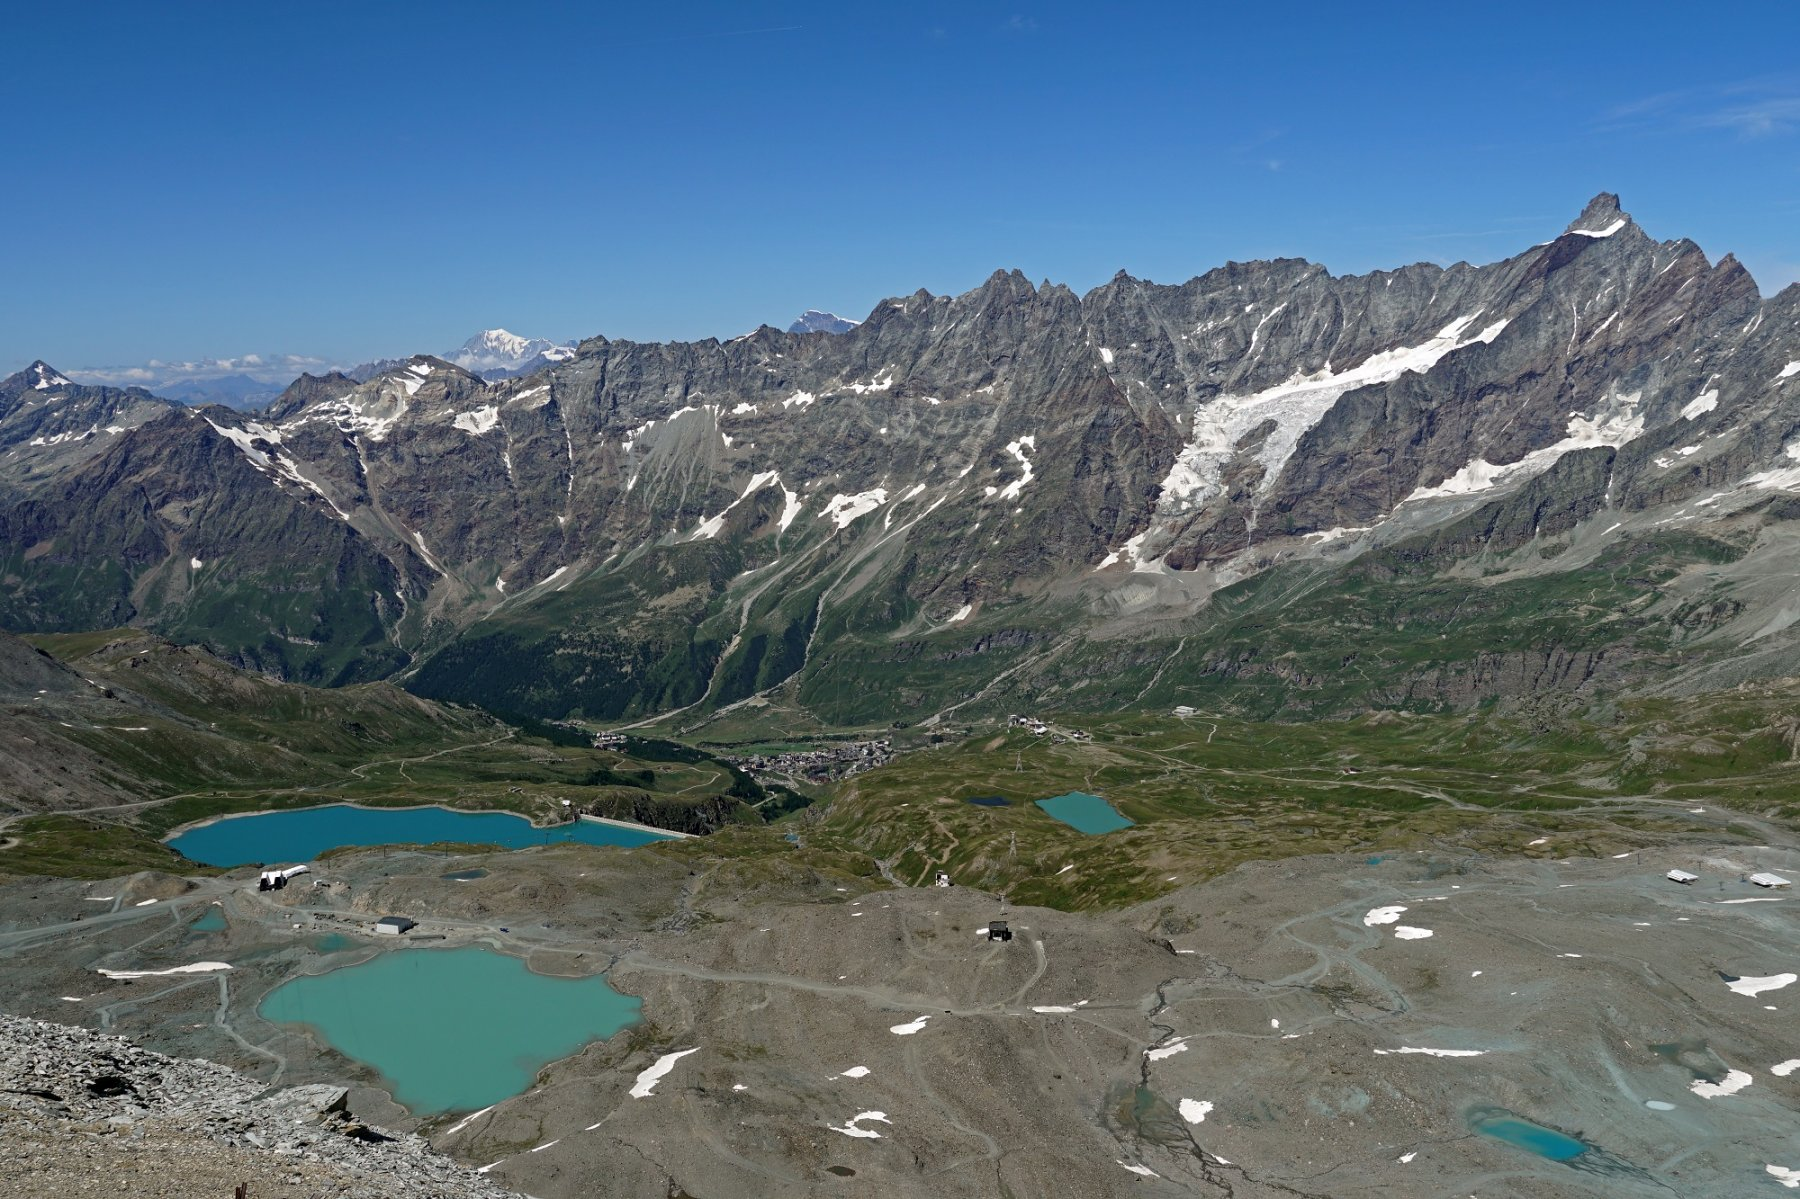 La valle di Cervinia dalla Testa Grigia